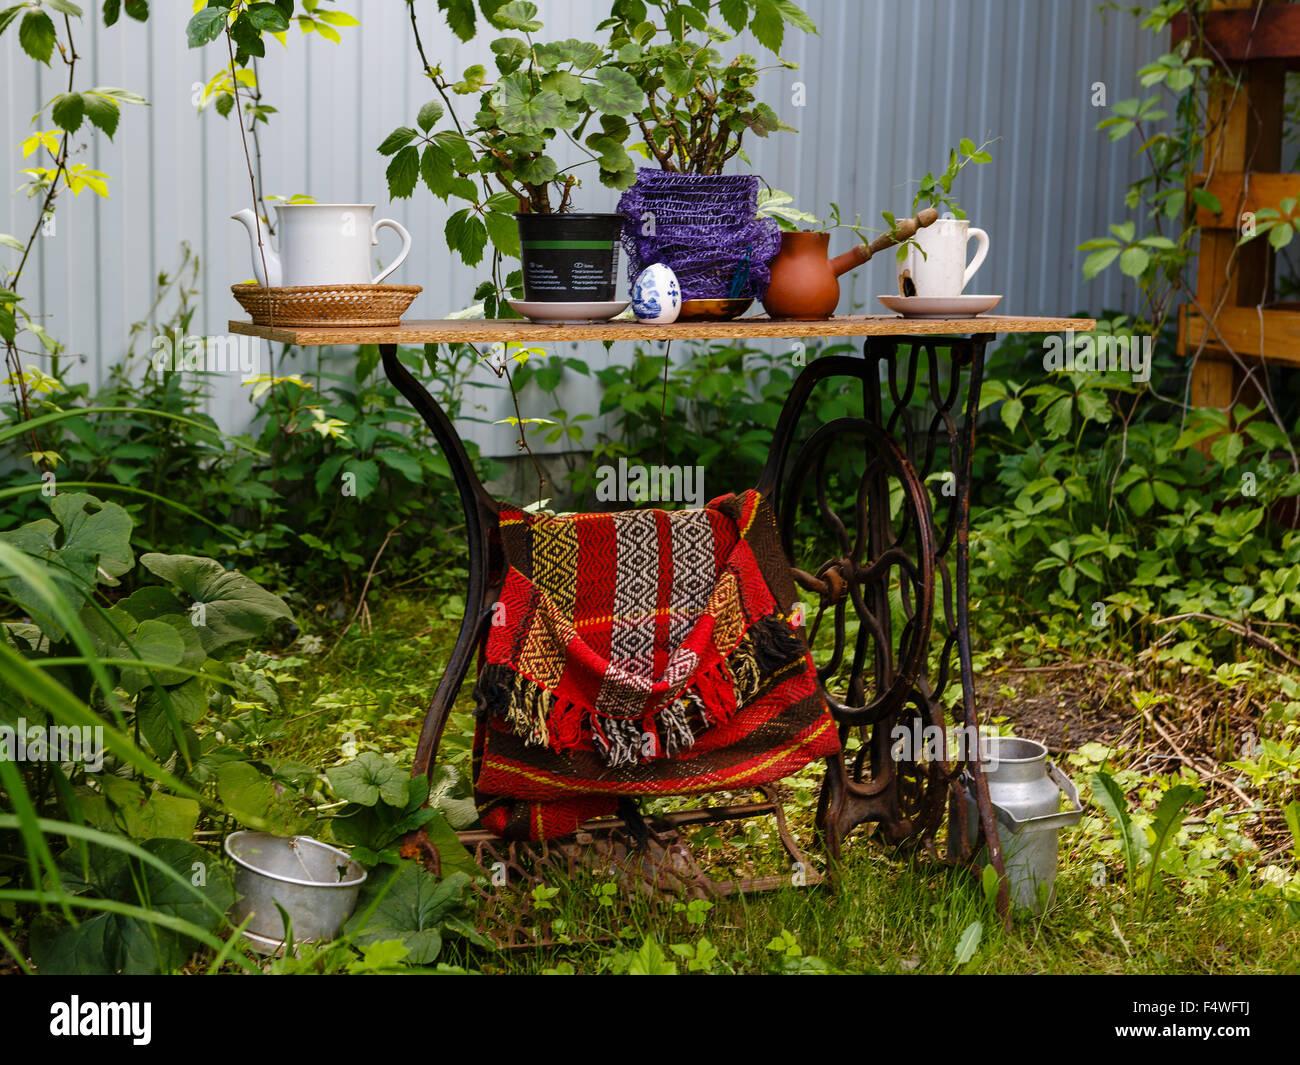 Decorazioni Da Giardino : Vecchia macchina da cucire come elemento di decorazione da